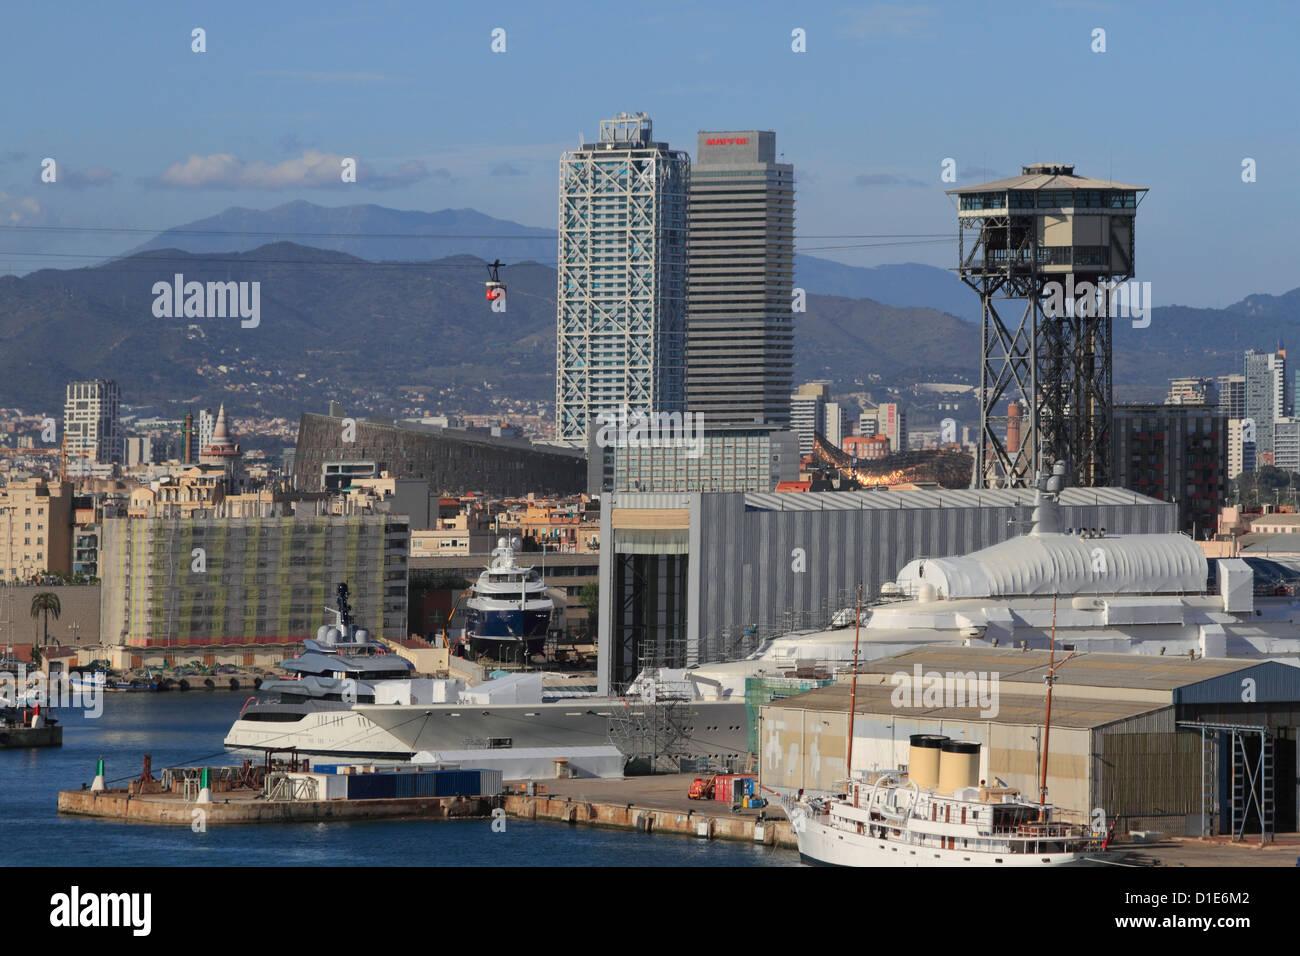 Hafen und Stadt von Barcelona, Katalonien, Spanien, Europa Stockbild